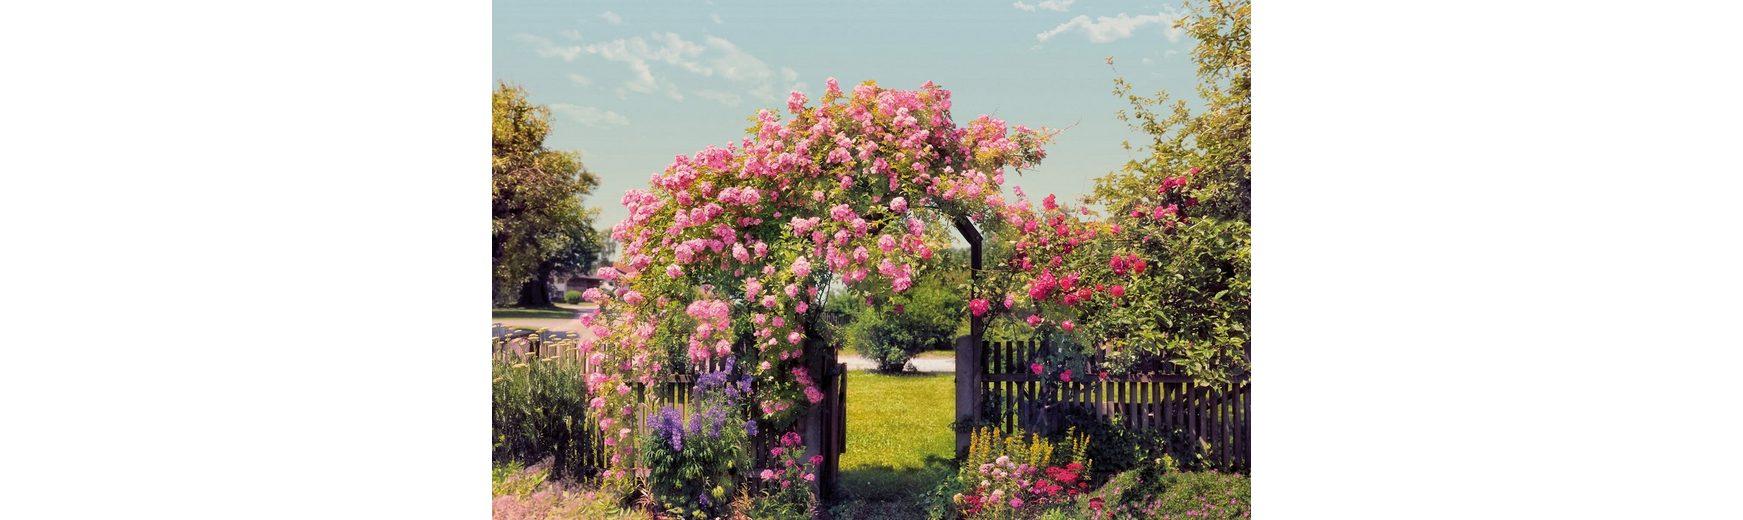 Fototapete, Komar, »Rosen Garden«, 368/254 cm